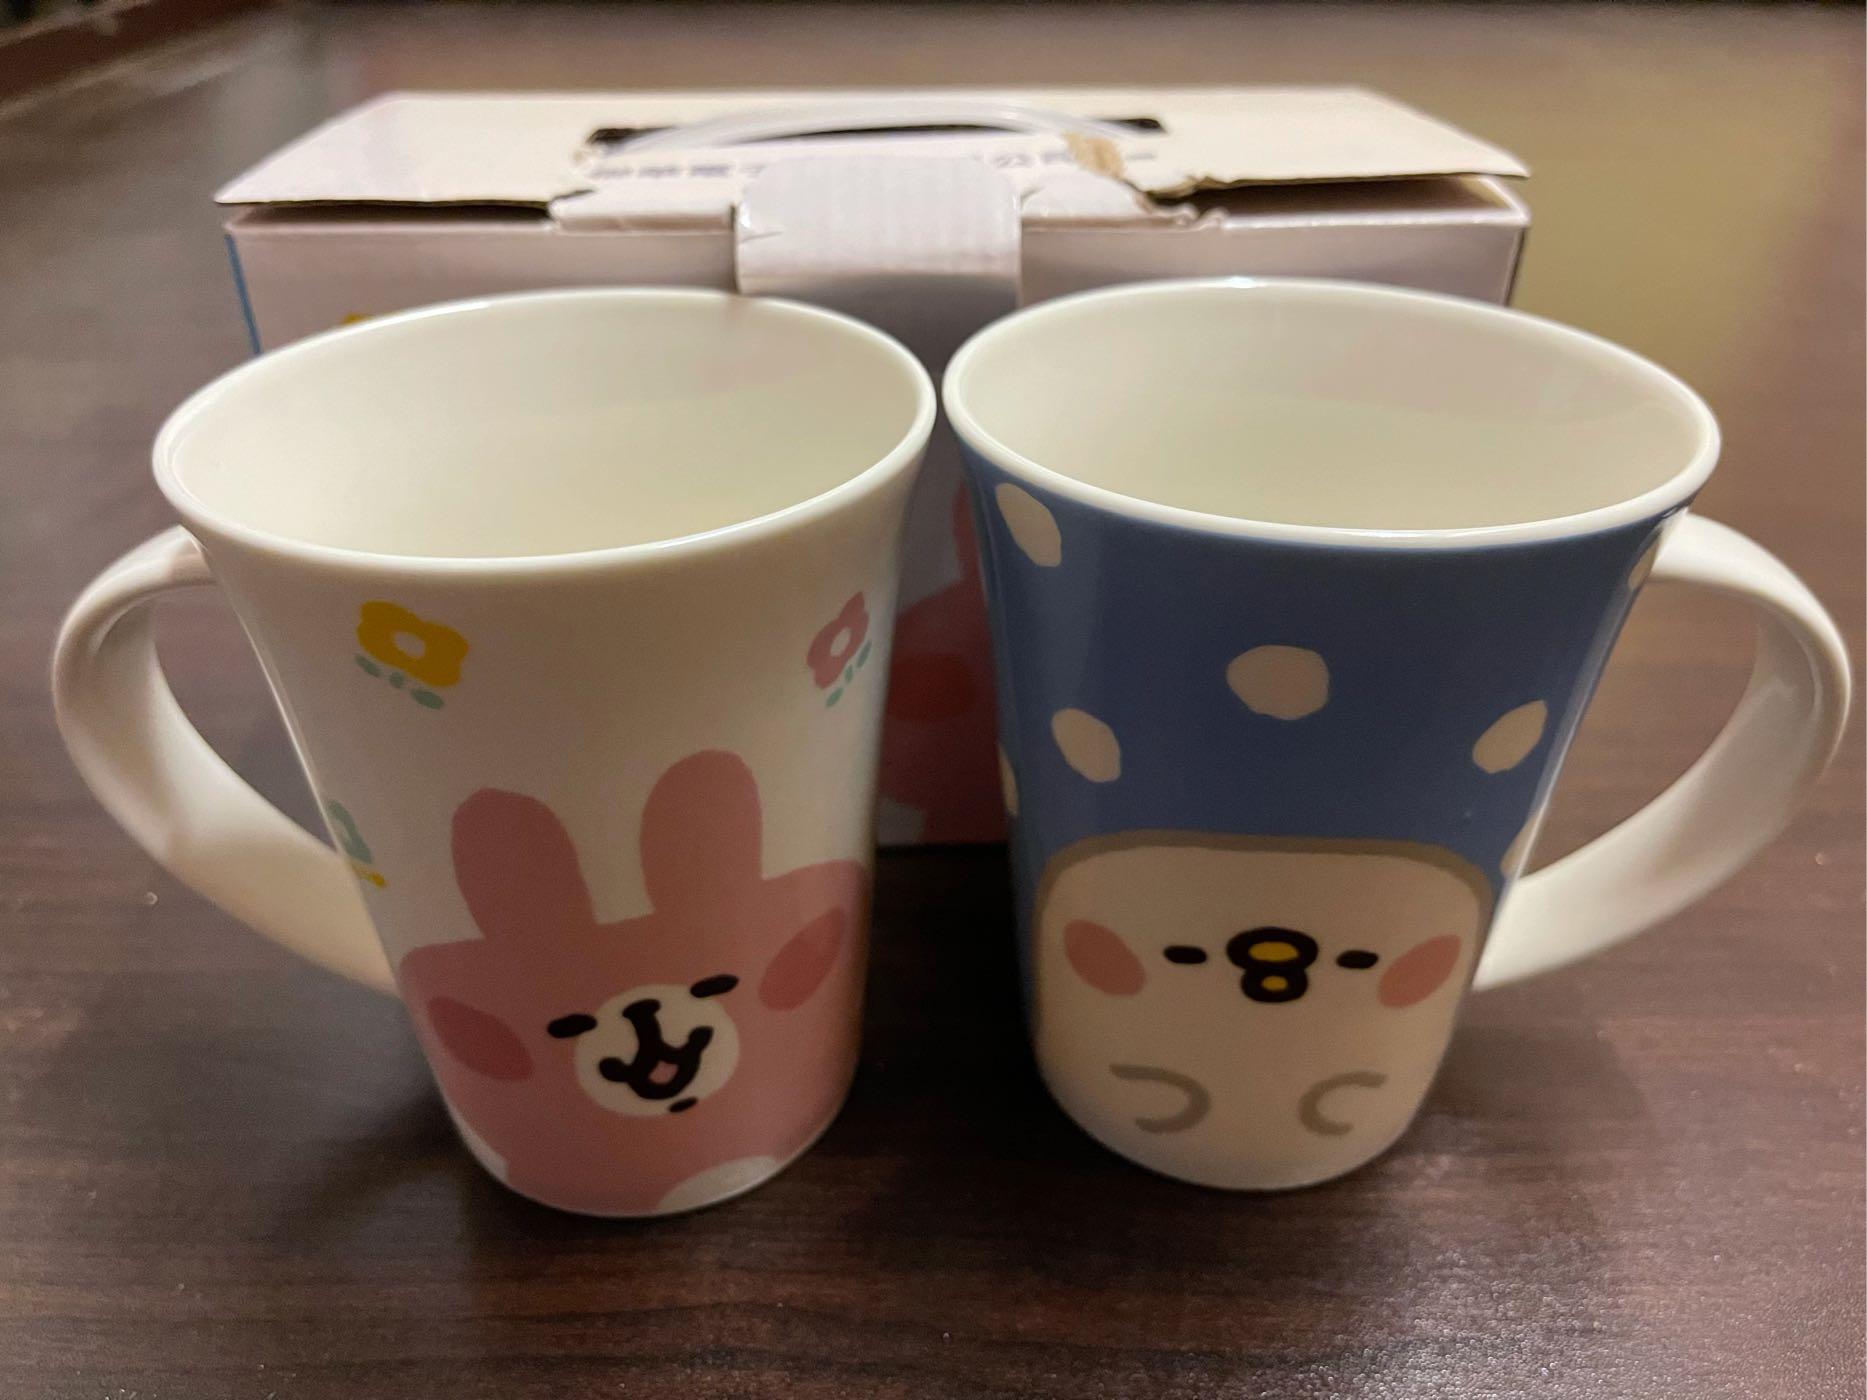 卡娜赫拉杯子玻璃杯茶杯 卡拉赫拉 陶瓷杯 馬克杯 兔子 一組兩入 聯電紀念品